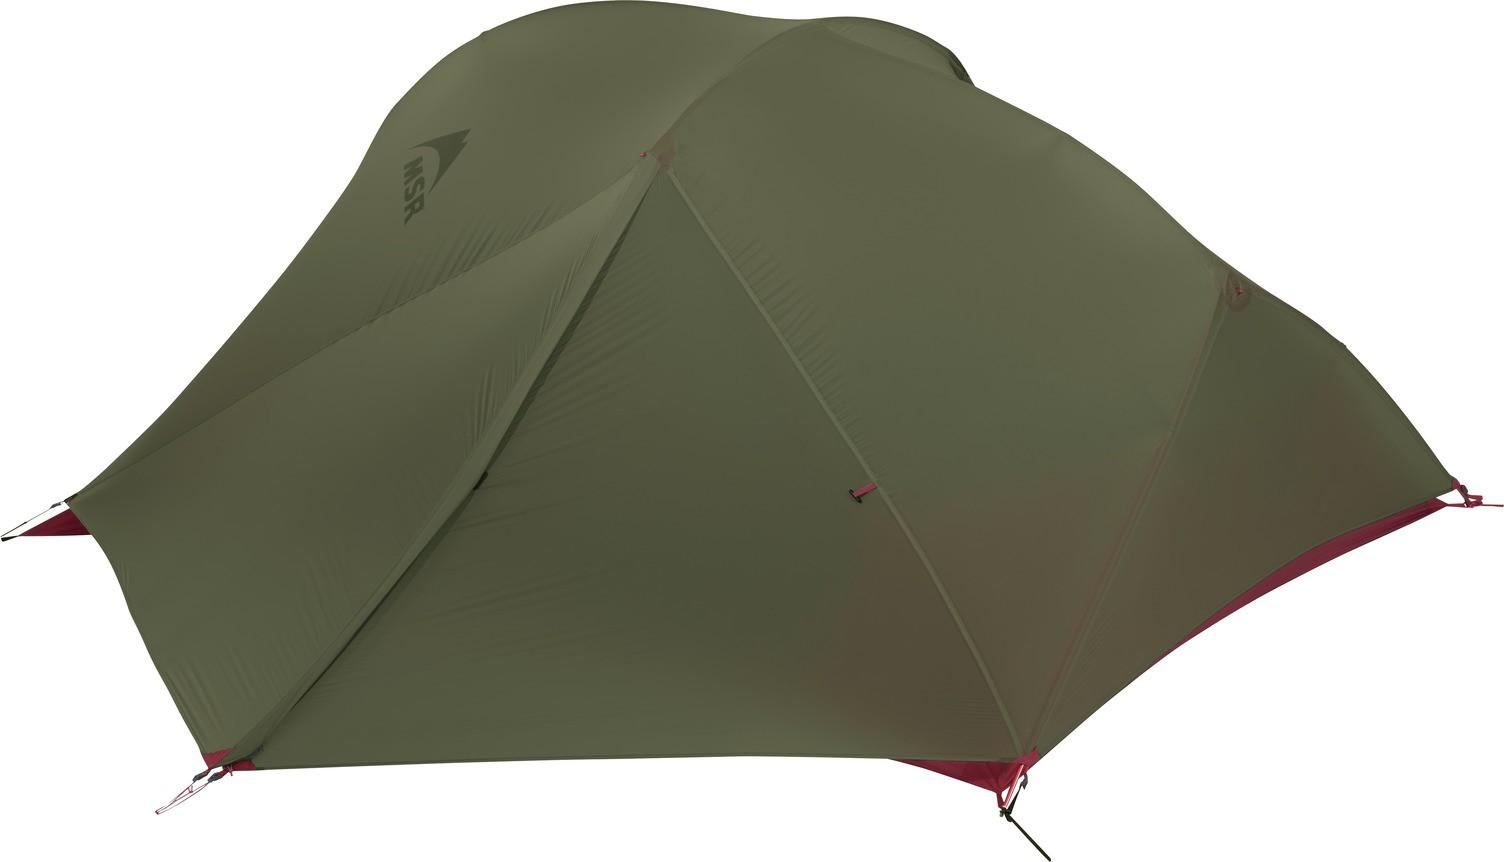 Tente Msr Freelite 3